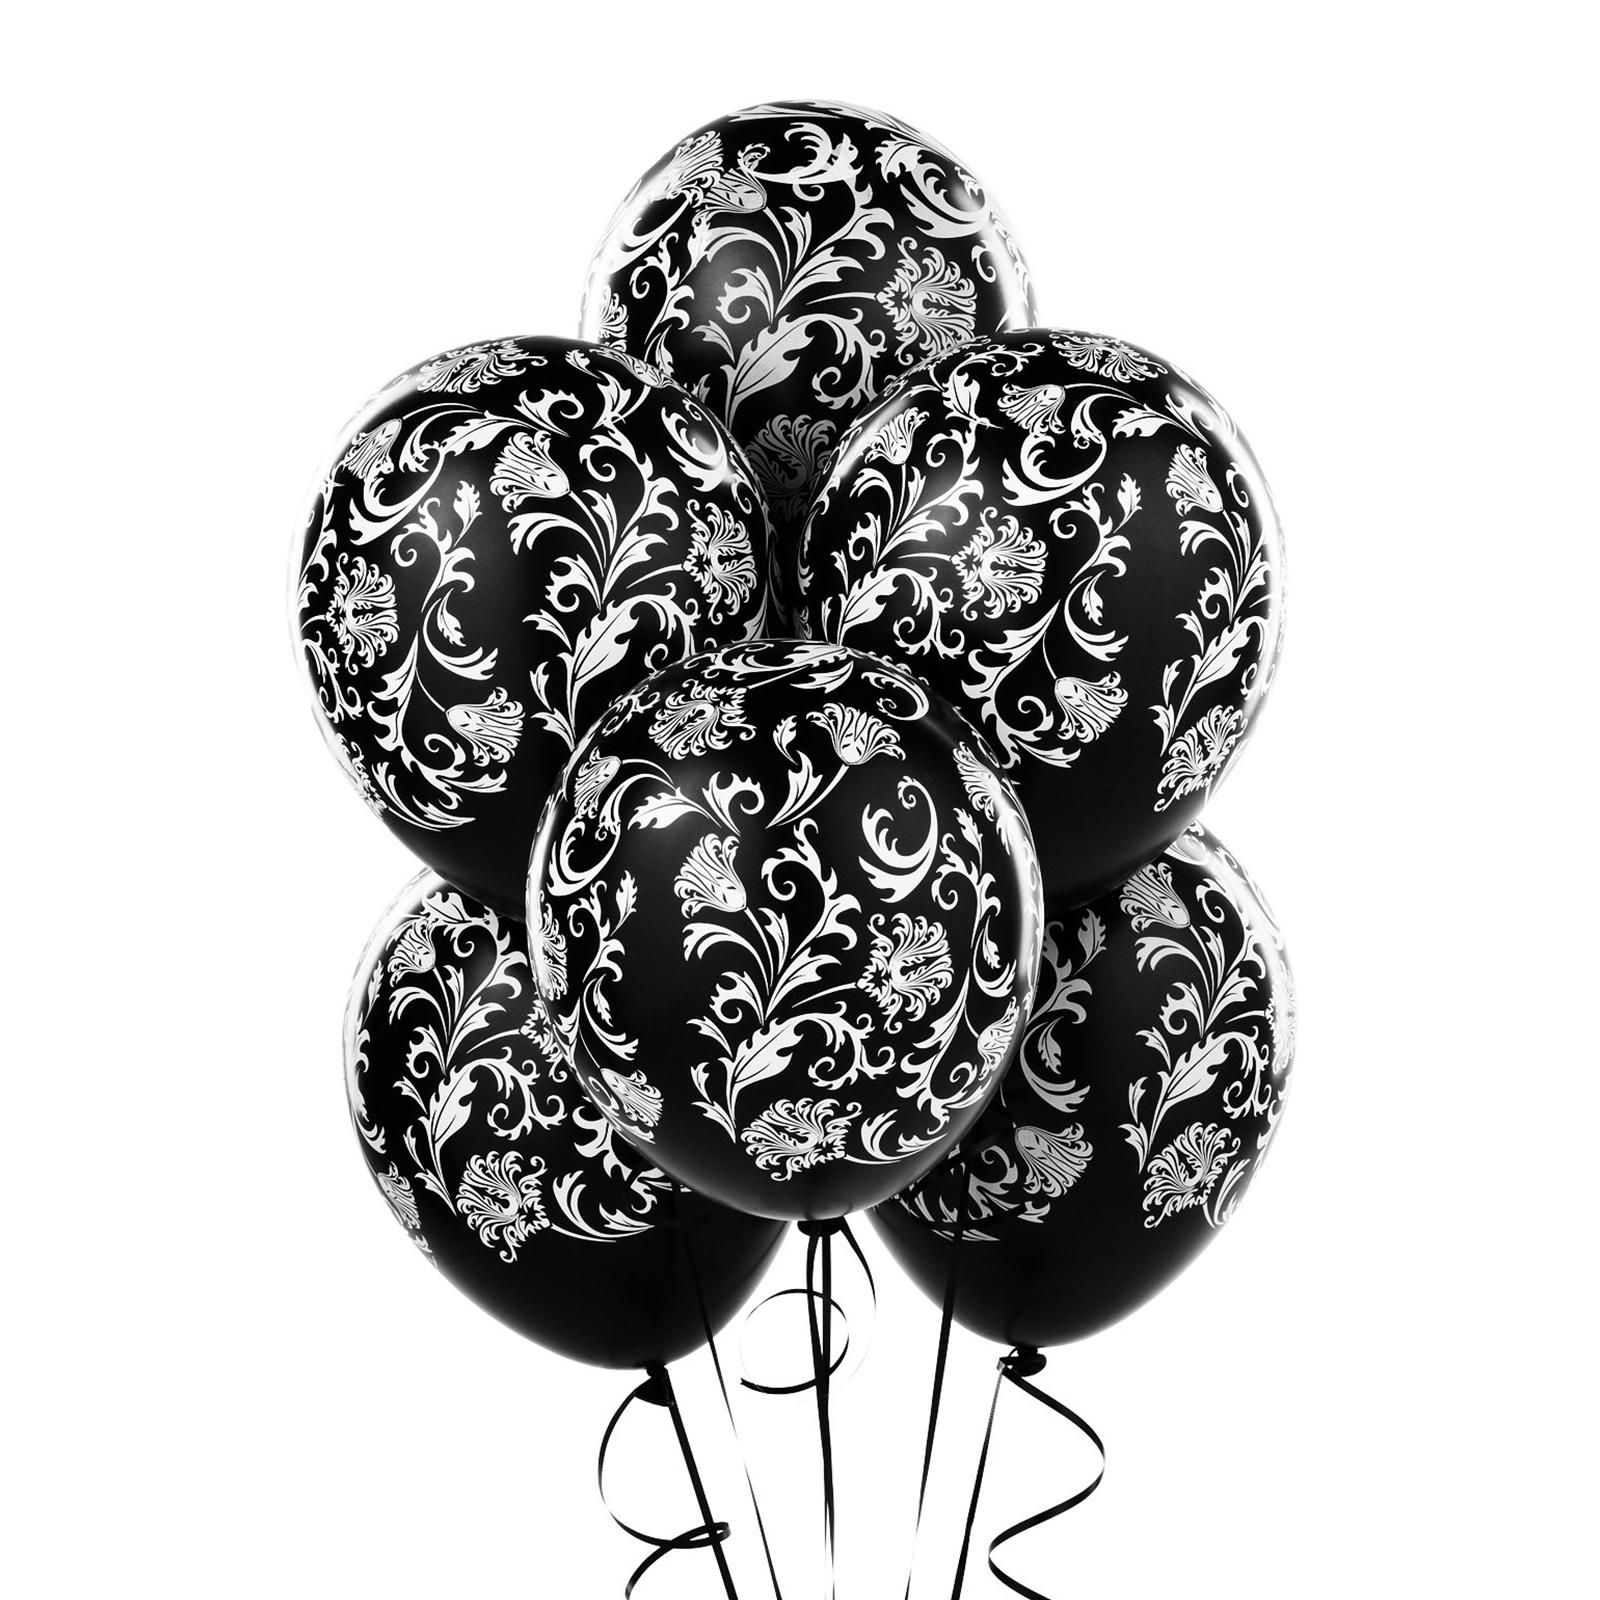 Birthday Balloon Black And White